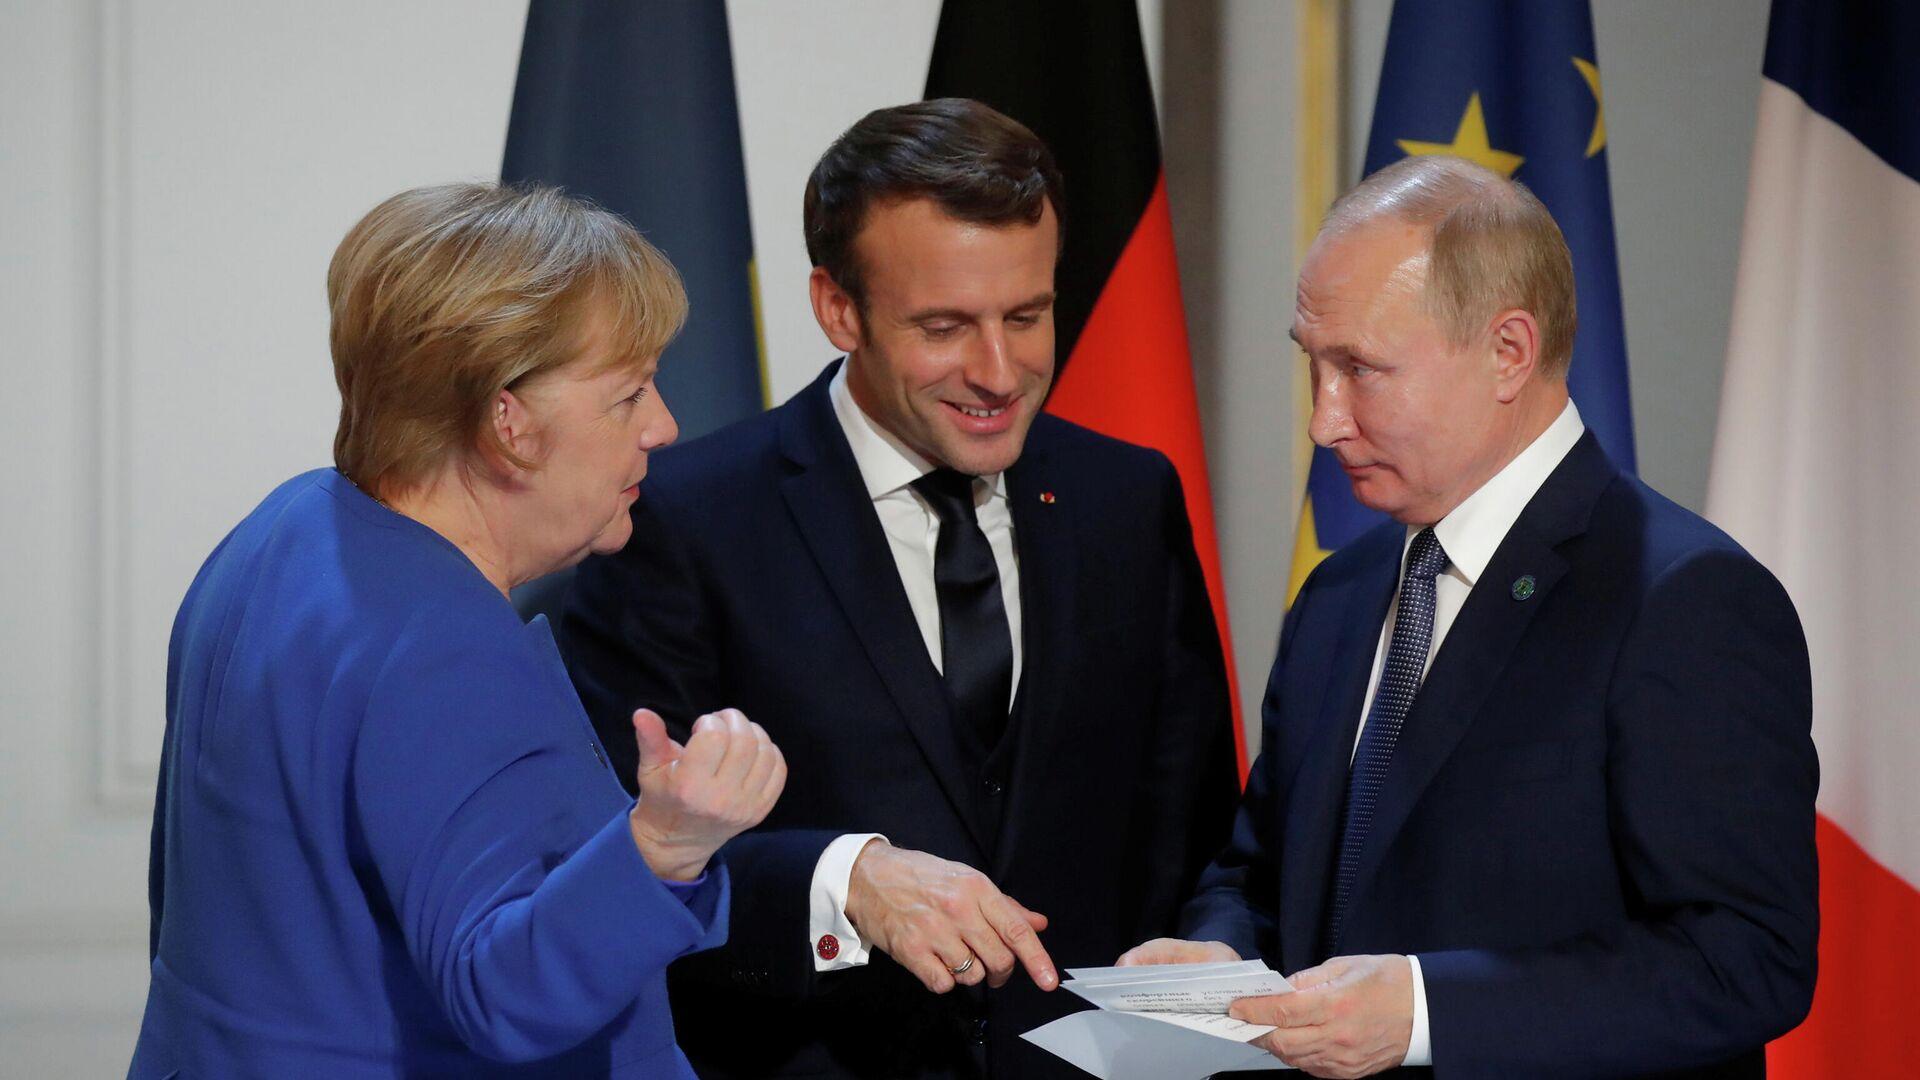 Канцлер Германии Ангела Меркель, президент Франции Эммануэль Макрон и Президент России Владимир Путин на пресс-конференции в Елисейском дворце в Париже. 9 декабря 2019 года  - РИА Новости, 1920, 31.03.2021